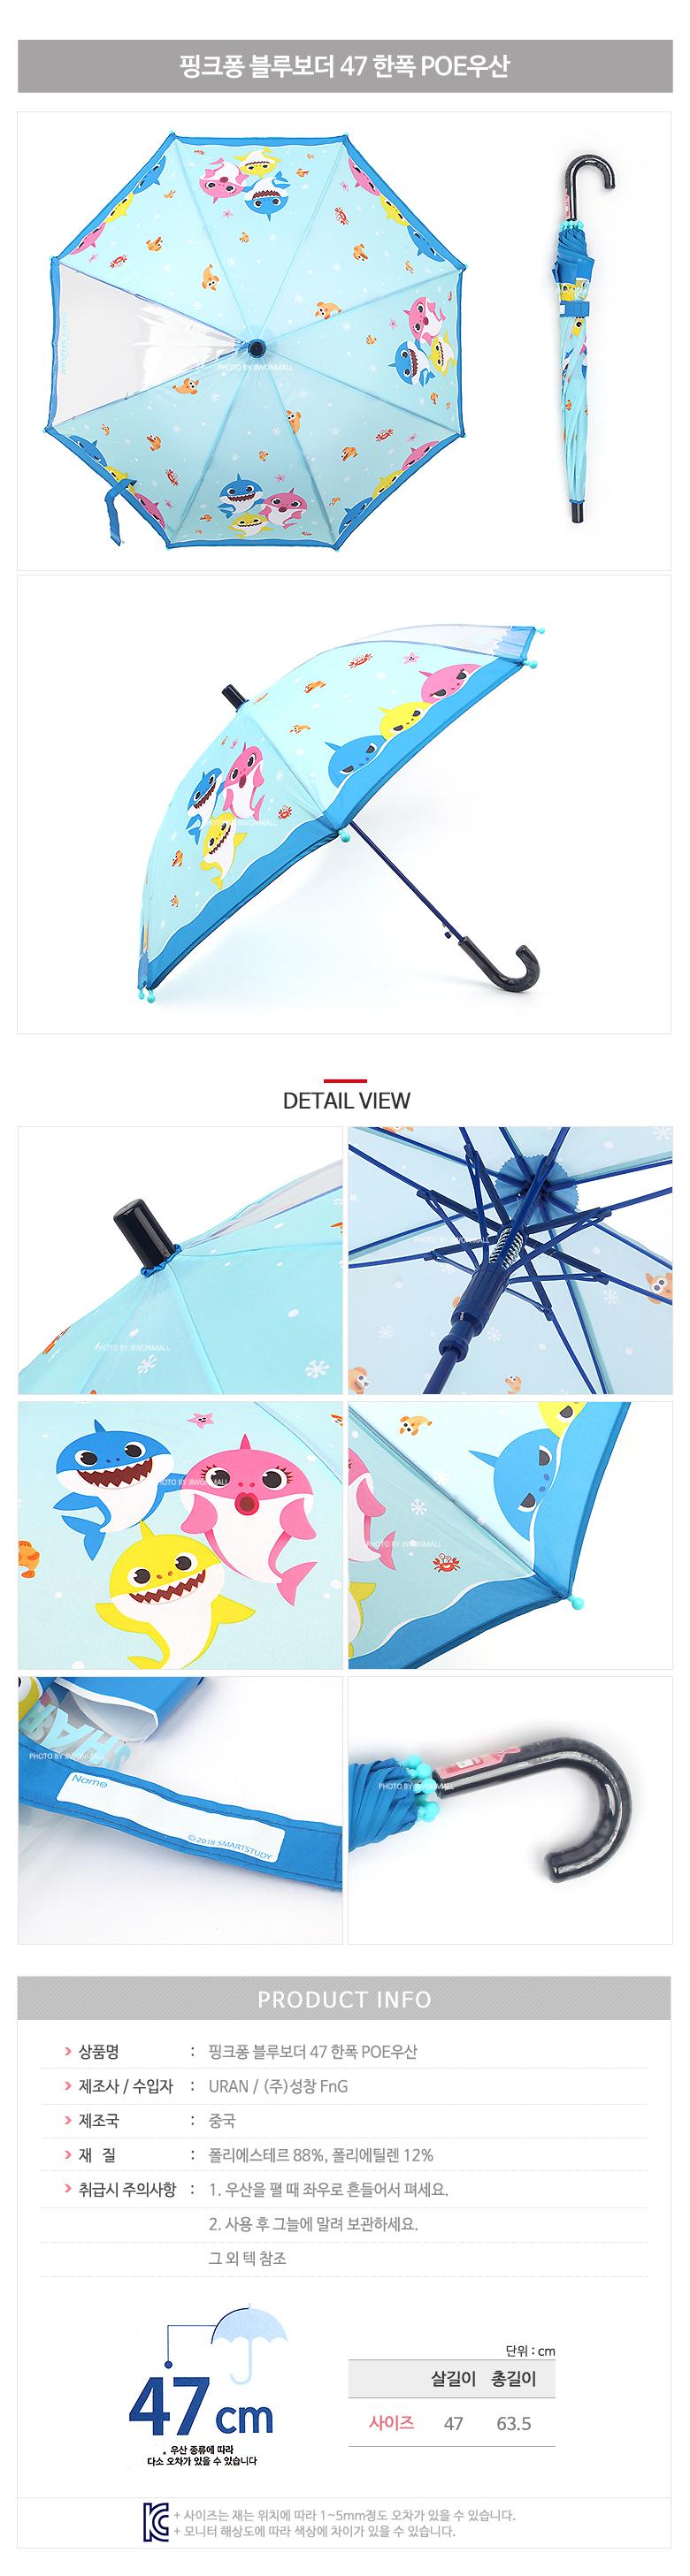 DS-348아기상어가족 블루 어린이 유아 투명 장우산 5세 6세 7세 어린이집 우산 - 리빙톡톡, 15,000원, 우산, 자동장우산